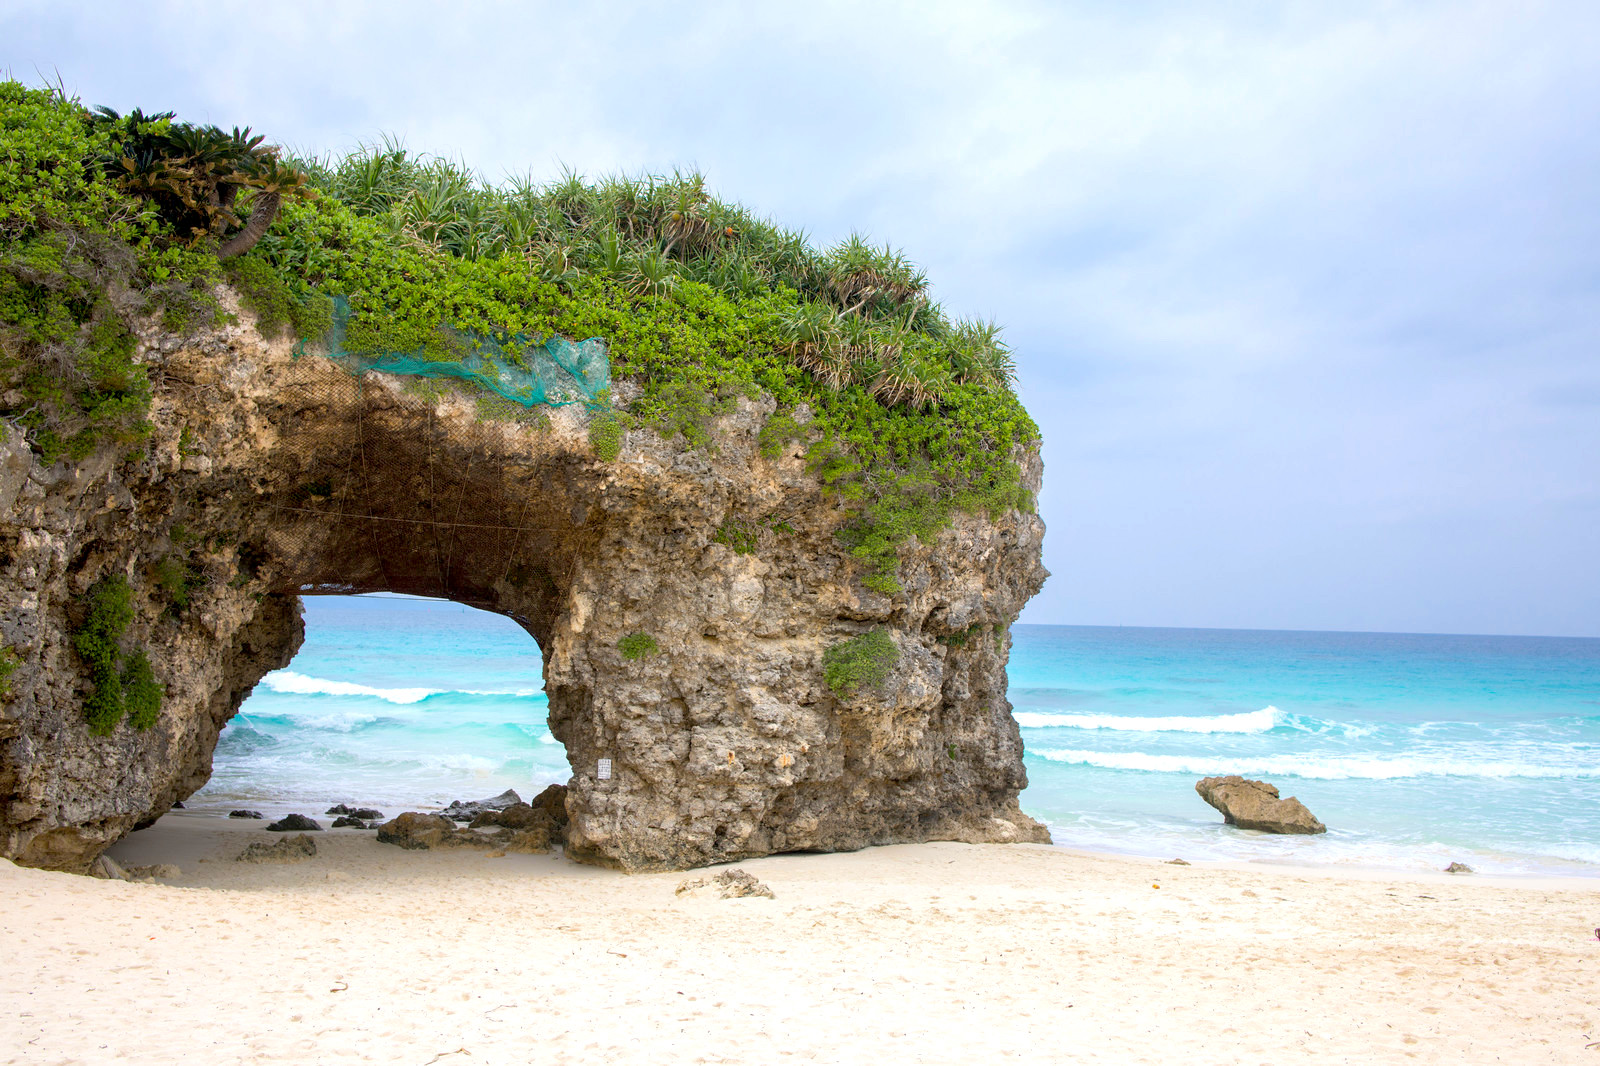 『砂山ビーチ』は宮古島の人気スポット!カフェから眺める夕日も感動的!